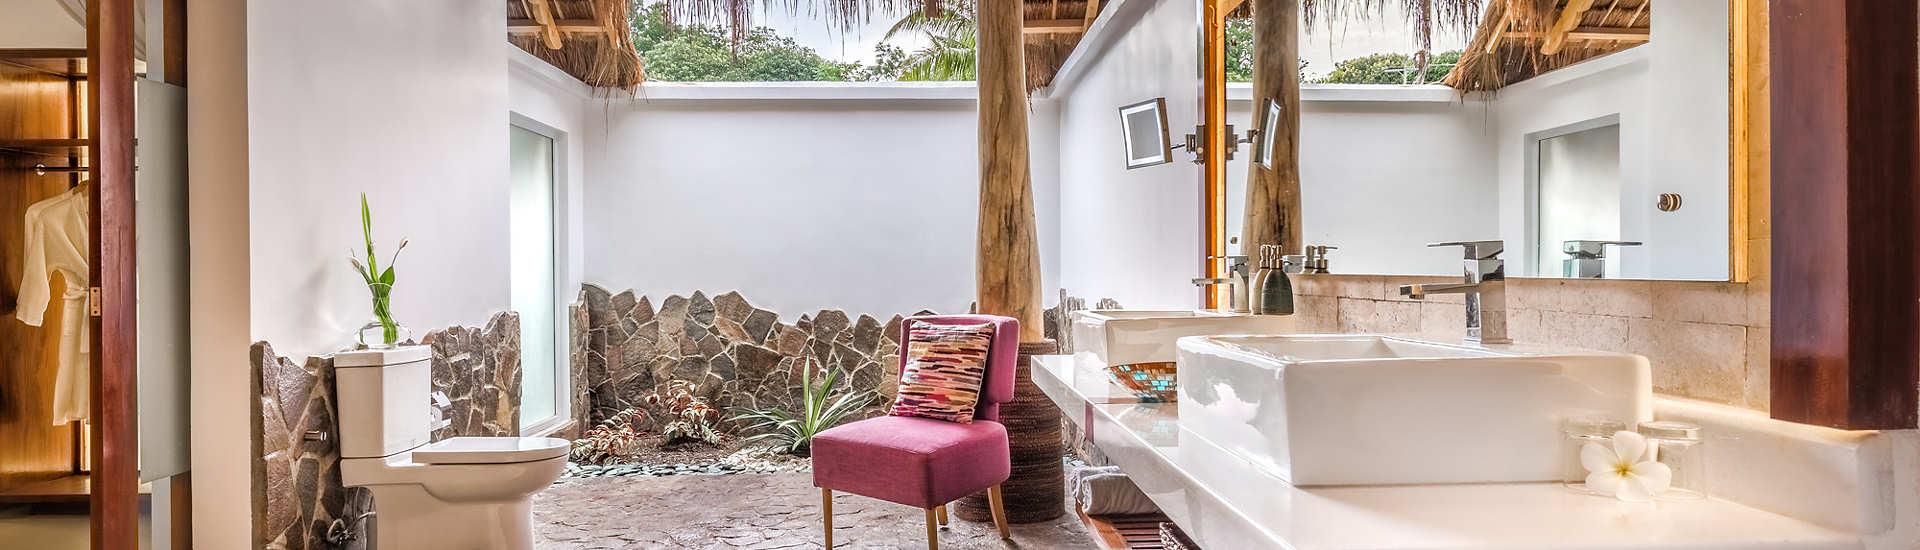 halboffene Badezimmer mit Regenduschen